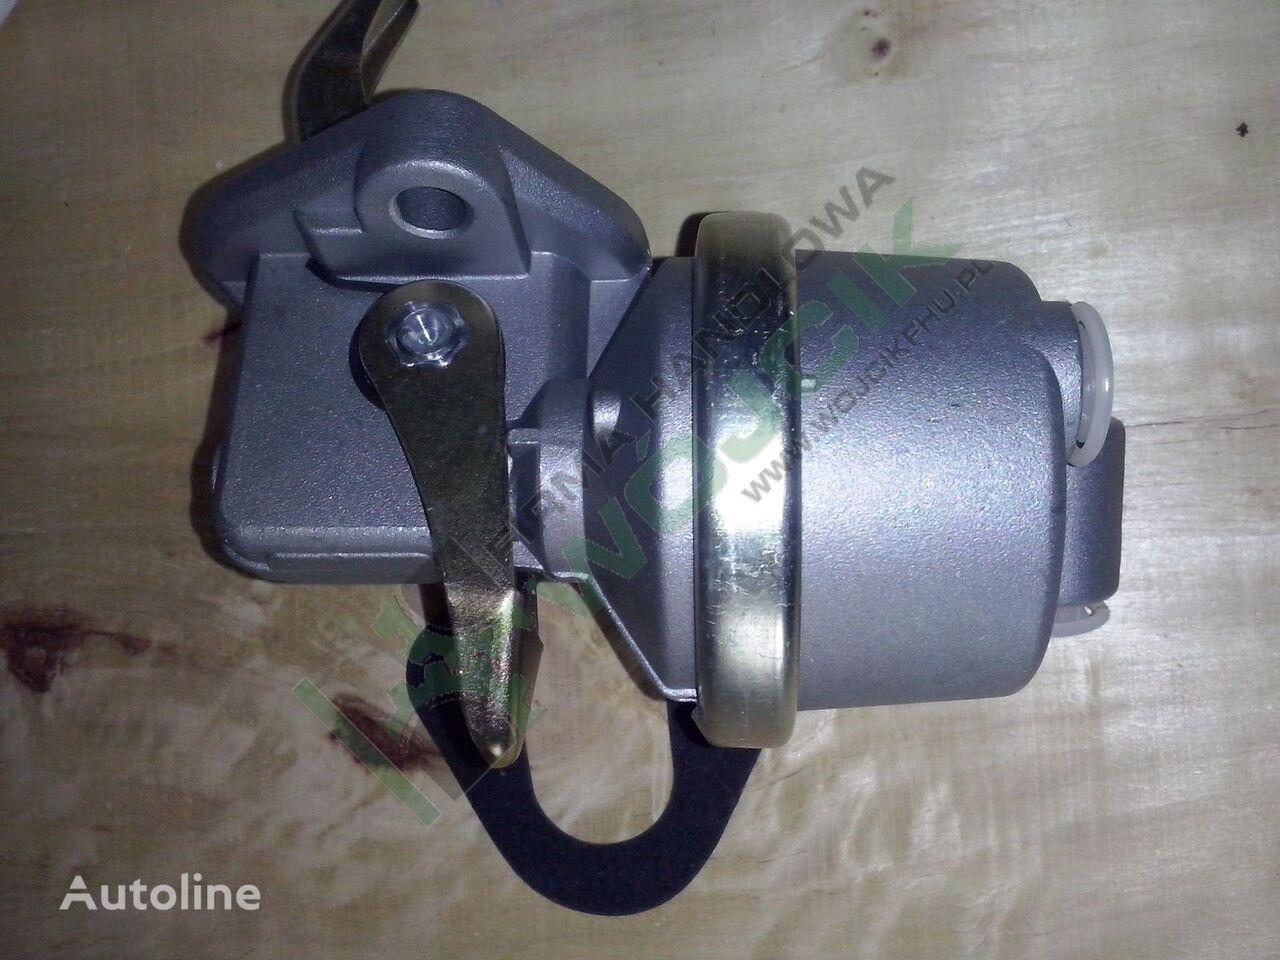 новый топливный насос CUMMINS zasilająca/Priming pump 4BT 6BT для другой спецтехники CUMMINS